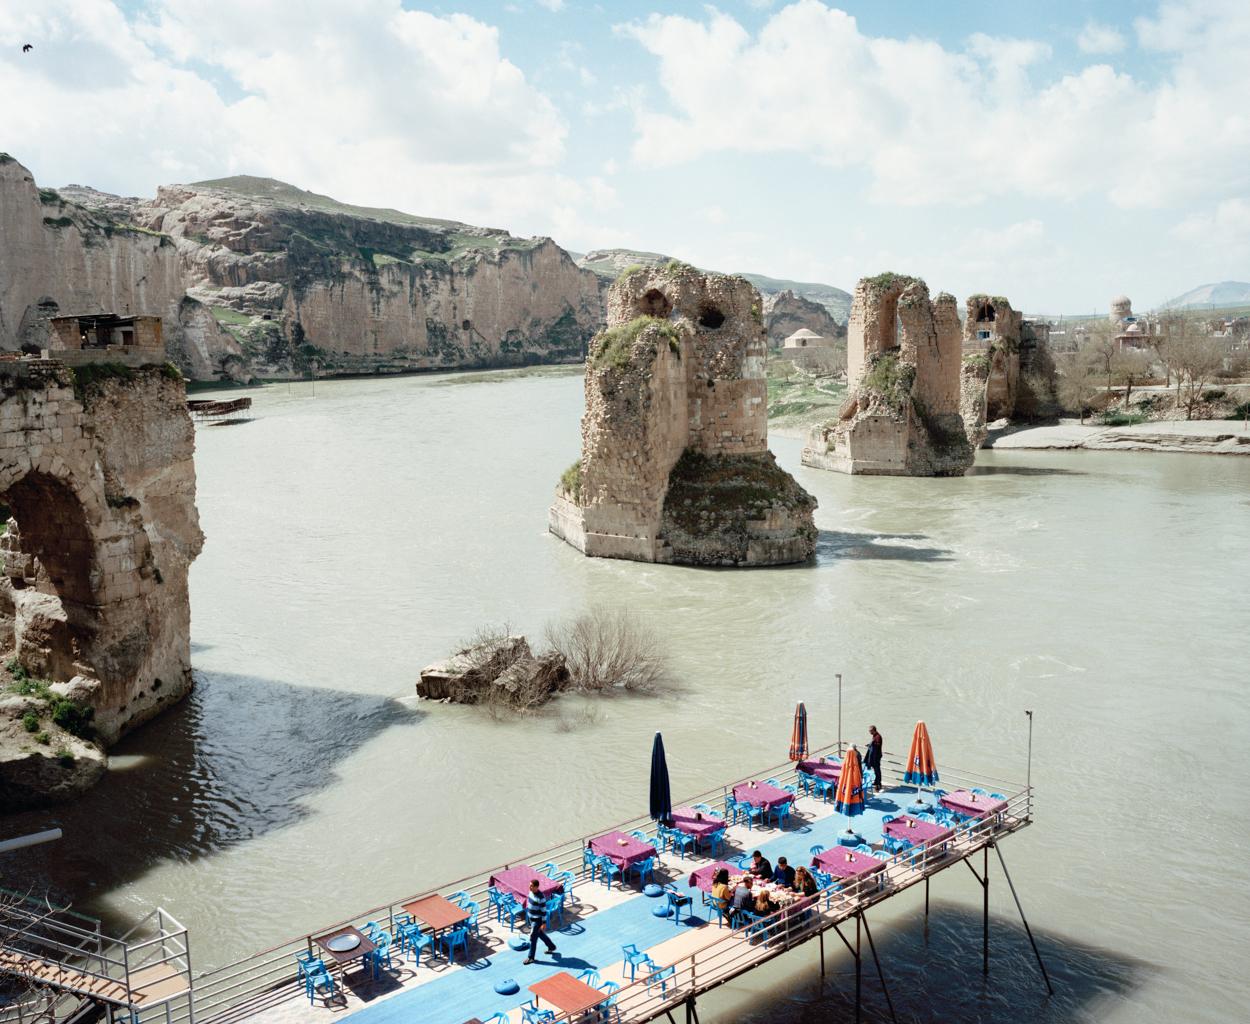 Tepi sungai Tigris yang tak jauh dari kota tua Hasankeyf.